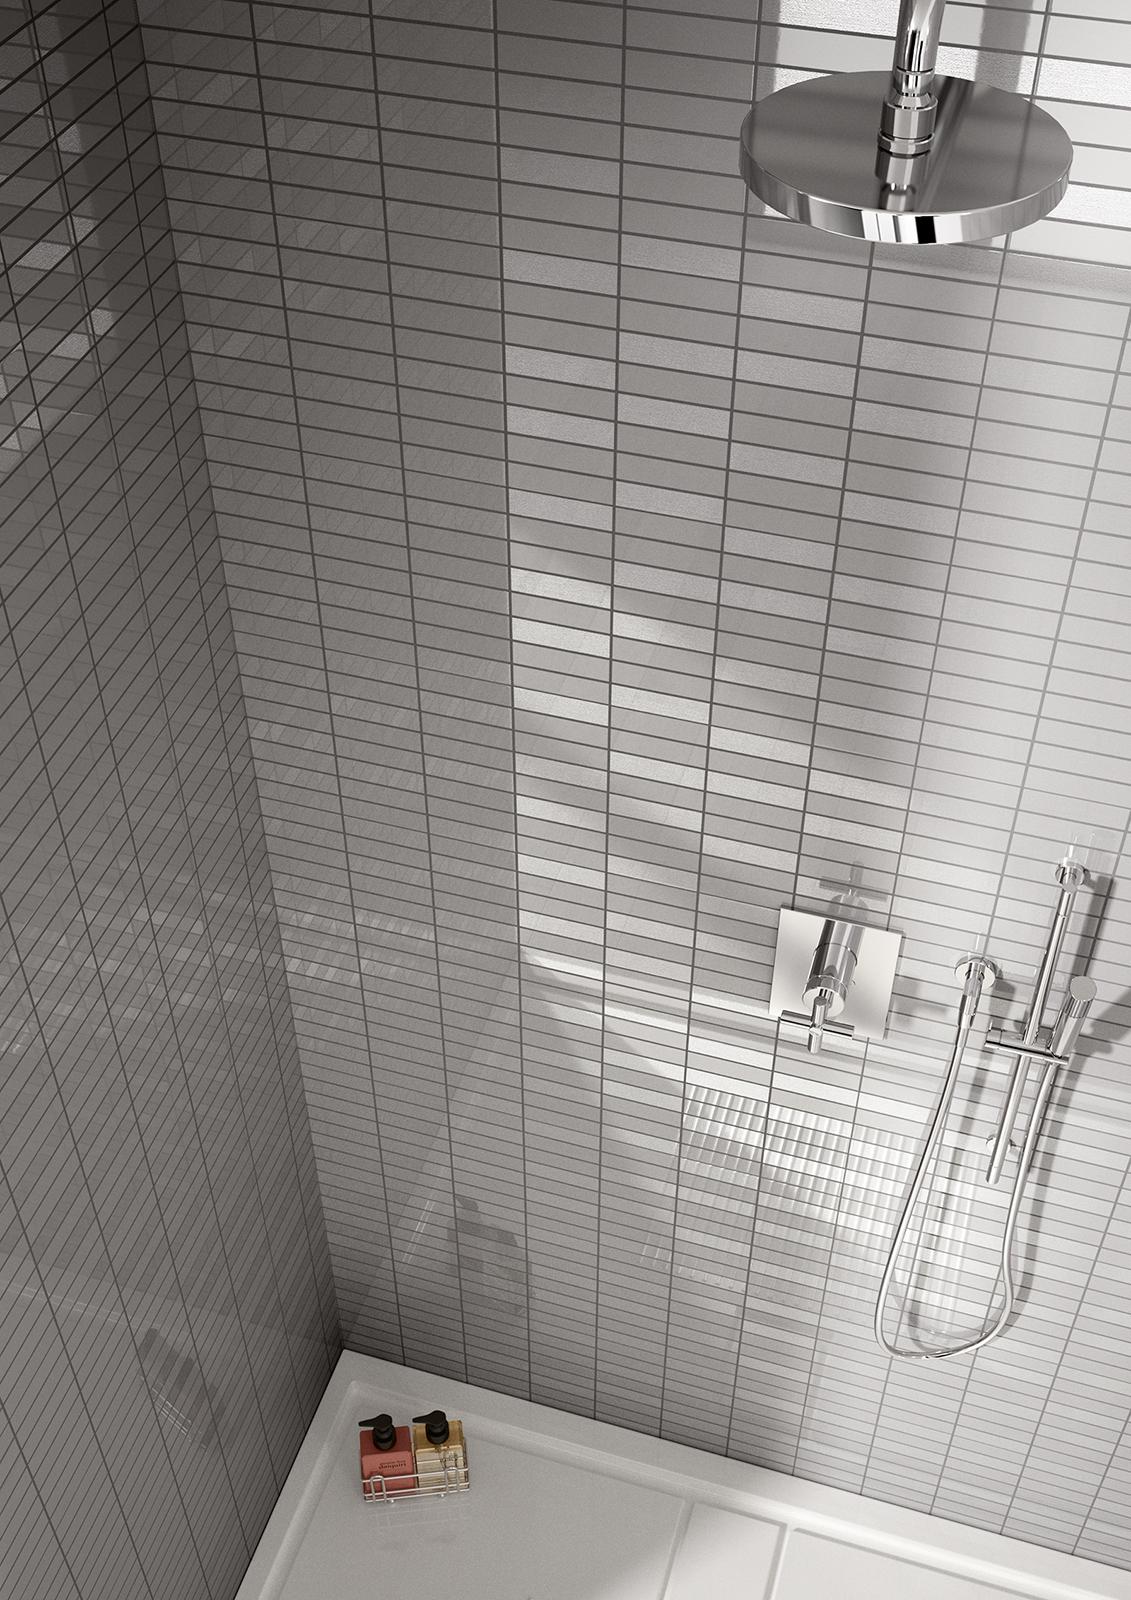 Piastrelle a mosaico per bagno e altri ambienti marazzi - Mosaici per doccia ...